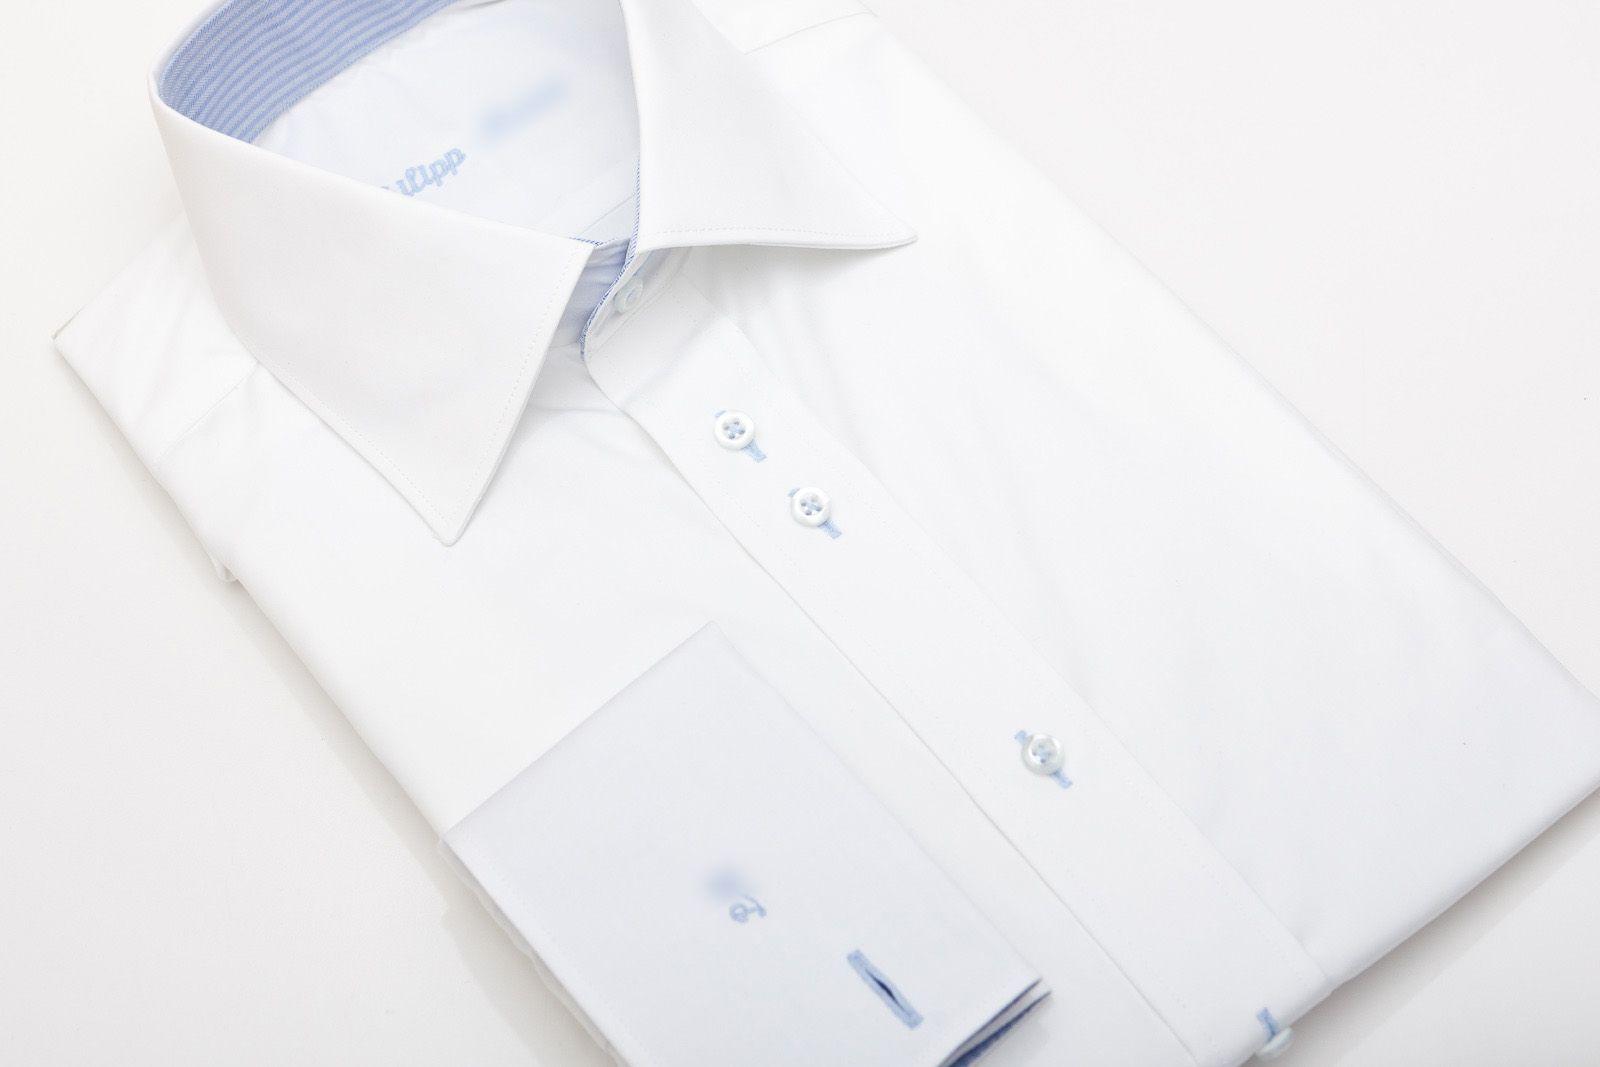 Ein vielseitig einsetzbares Hemd für Beruf und Freizeit: Abgebildet ist hier eine Designvariante aus unserem besonders langlebigen Luxurious-Stoff Montbazon (natürlich auch durch einen weißen Businessstoff austauschbar) und einem blau gestreiften Kontraststoff an Kragen und Manschette. Der blaue Kontrast wird zusätzlich durch hellblaues Garn an den Knopflöchern unterstrichen.